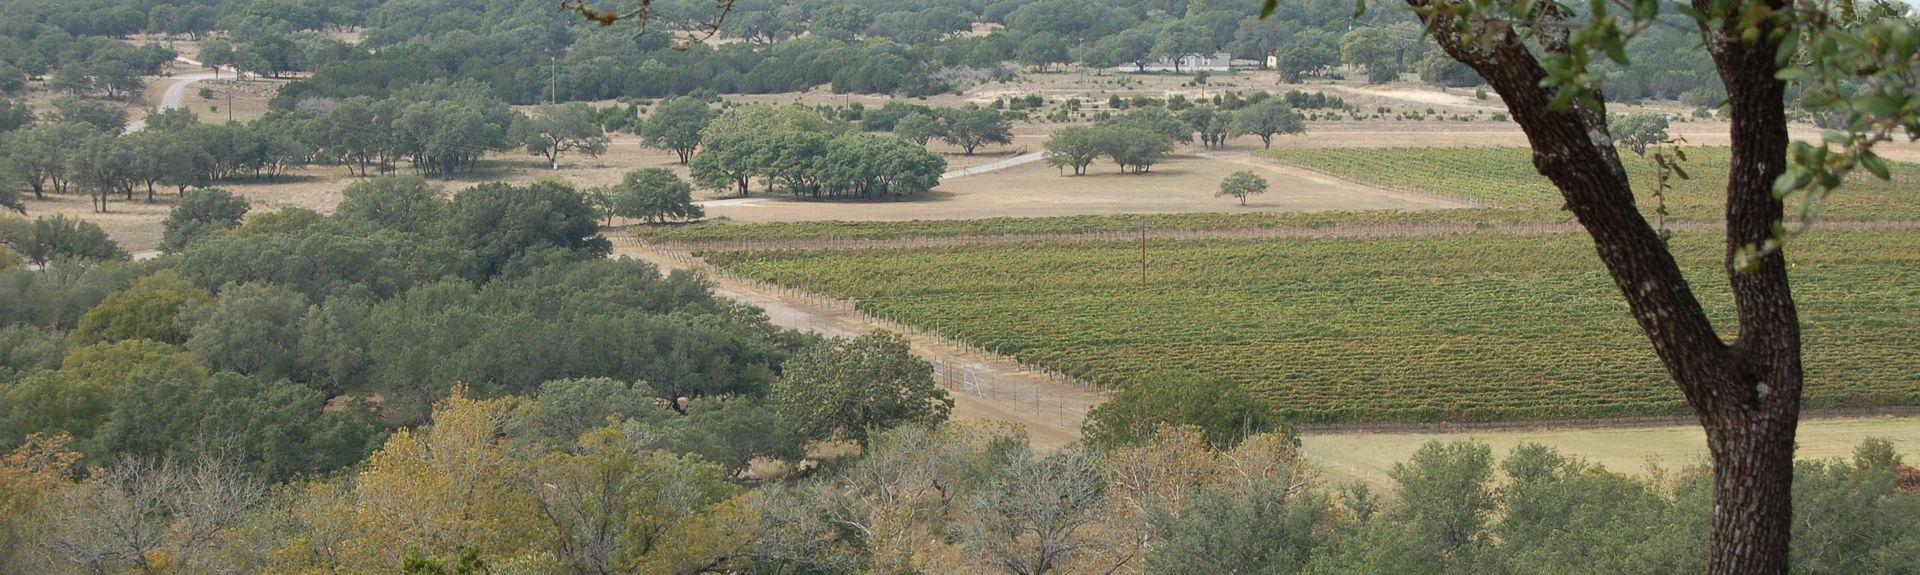 Spring Branch, Texas, Estados Unidos